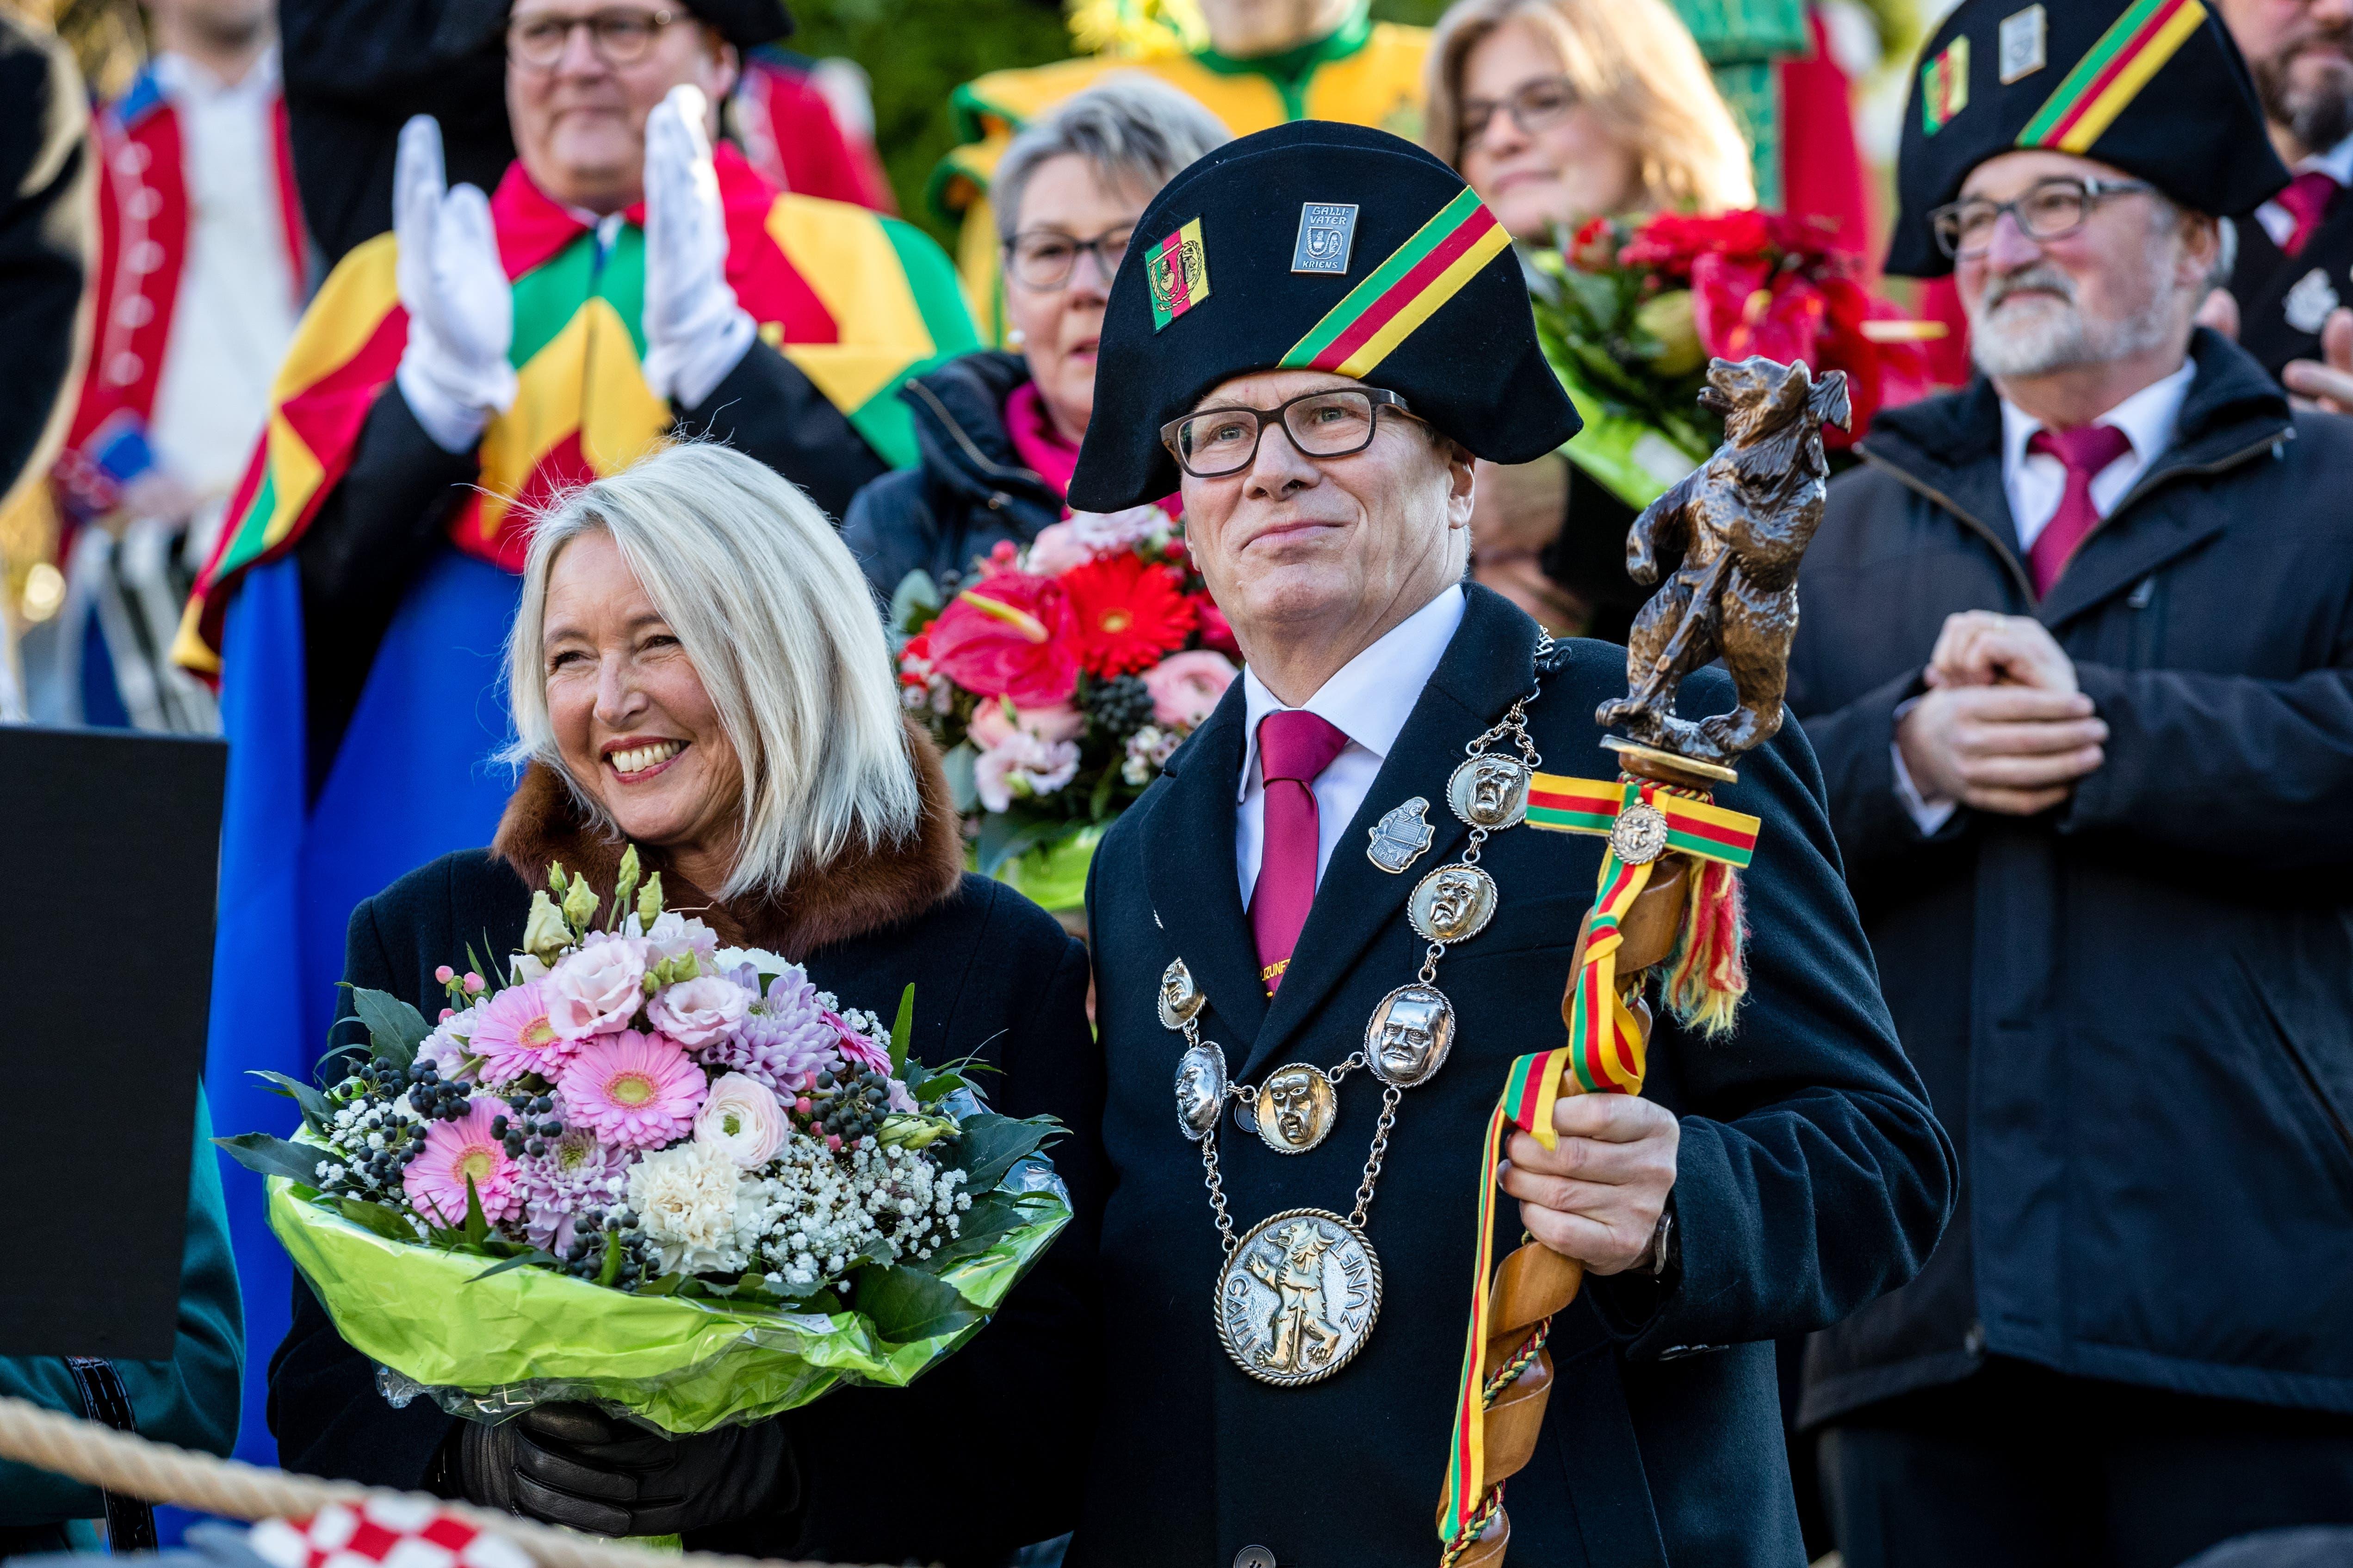 Der Gallivater Hugo Herzog und seine Frau Lucette Oggier Herzog an der Gallivater-Abholung auf dem Krienser Dorfplatz.